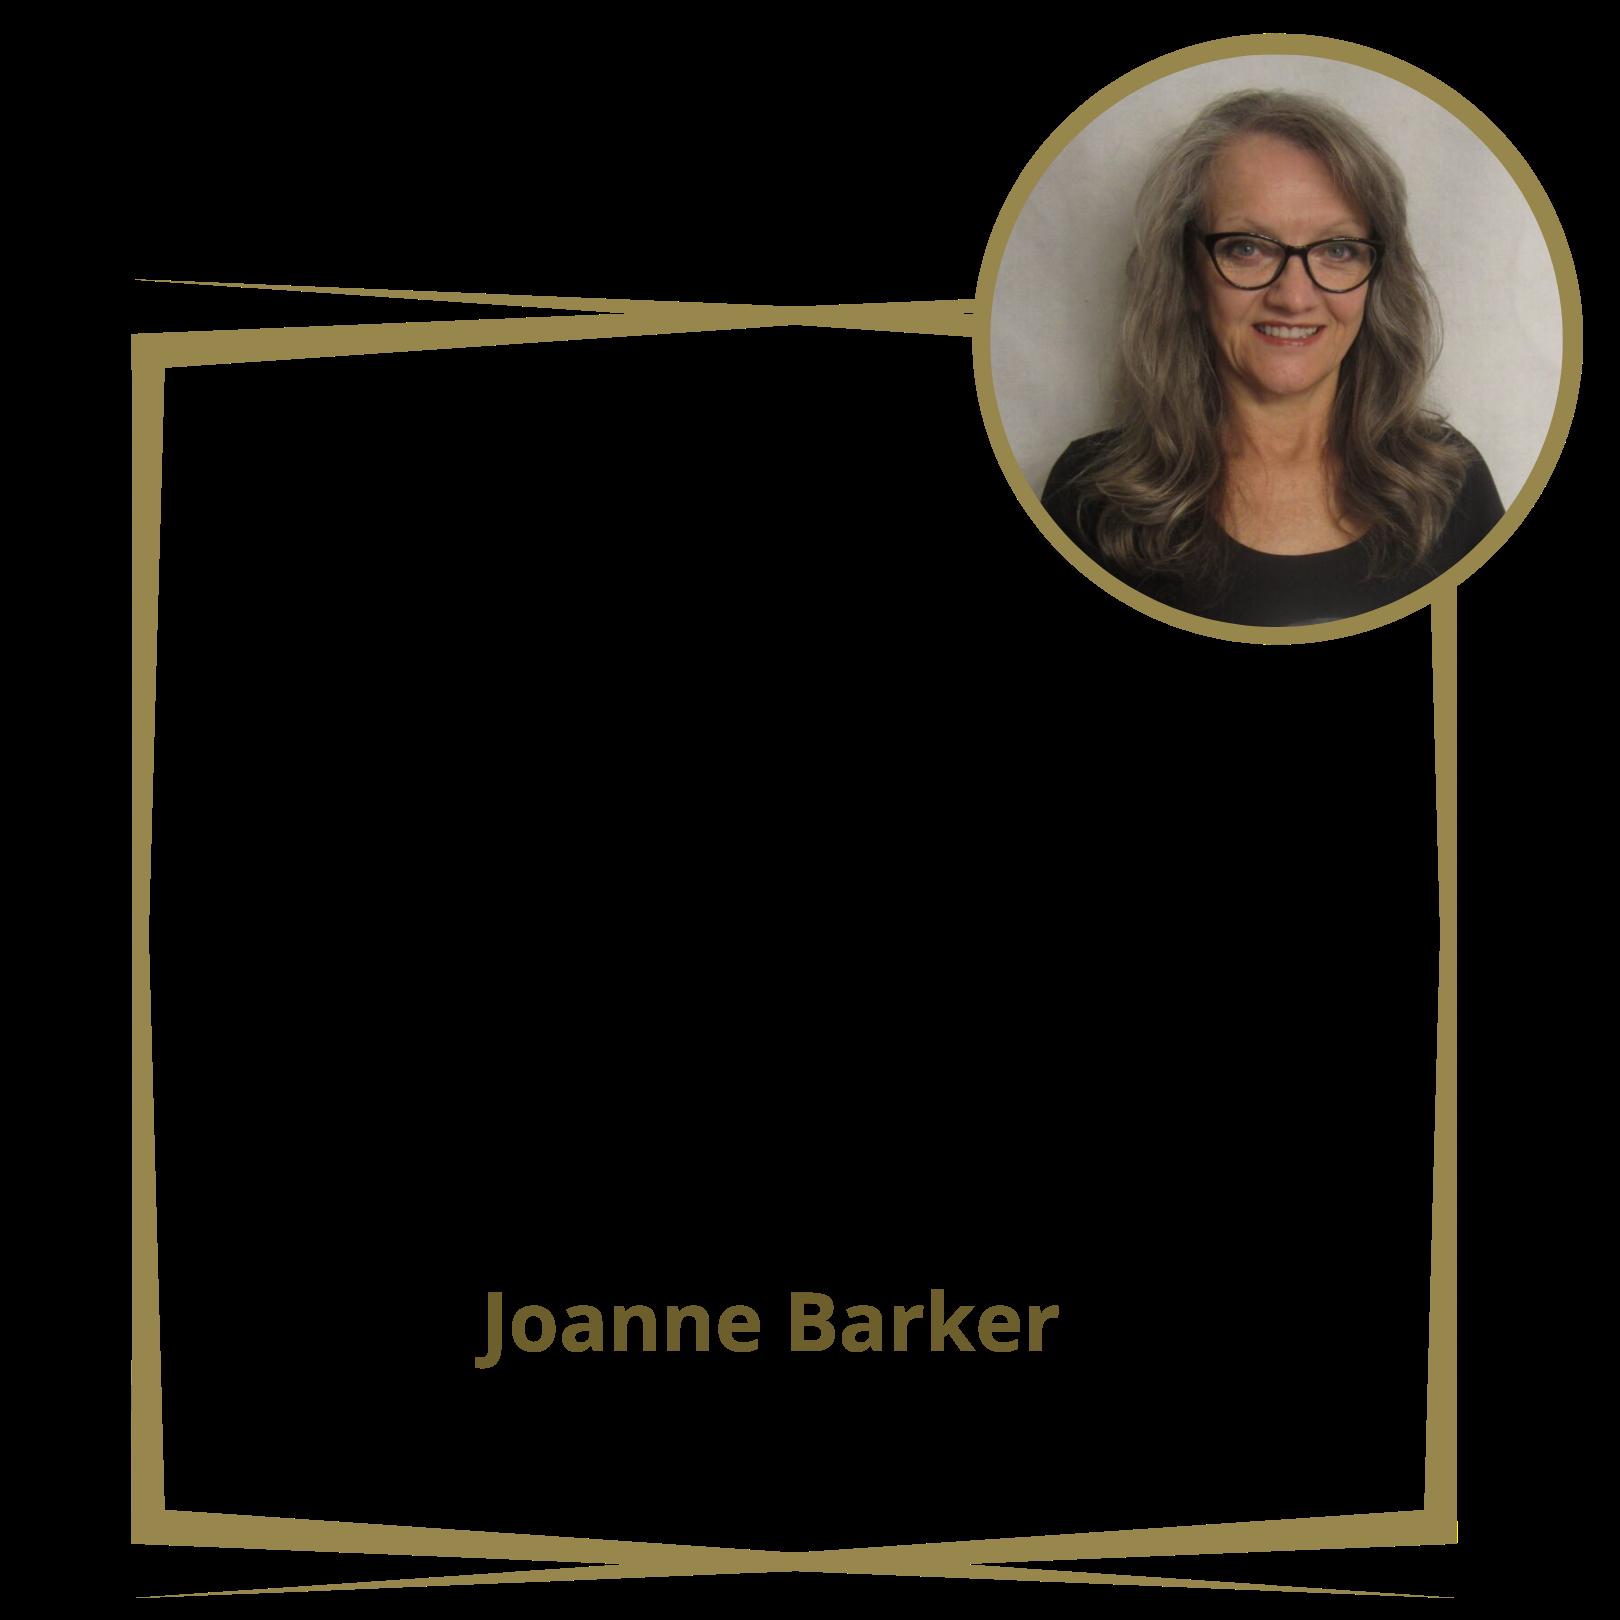 3 - Joanne Barker